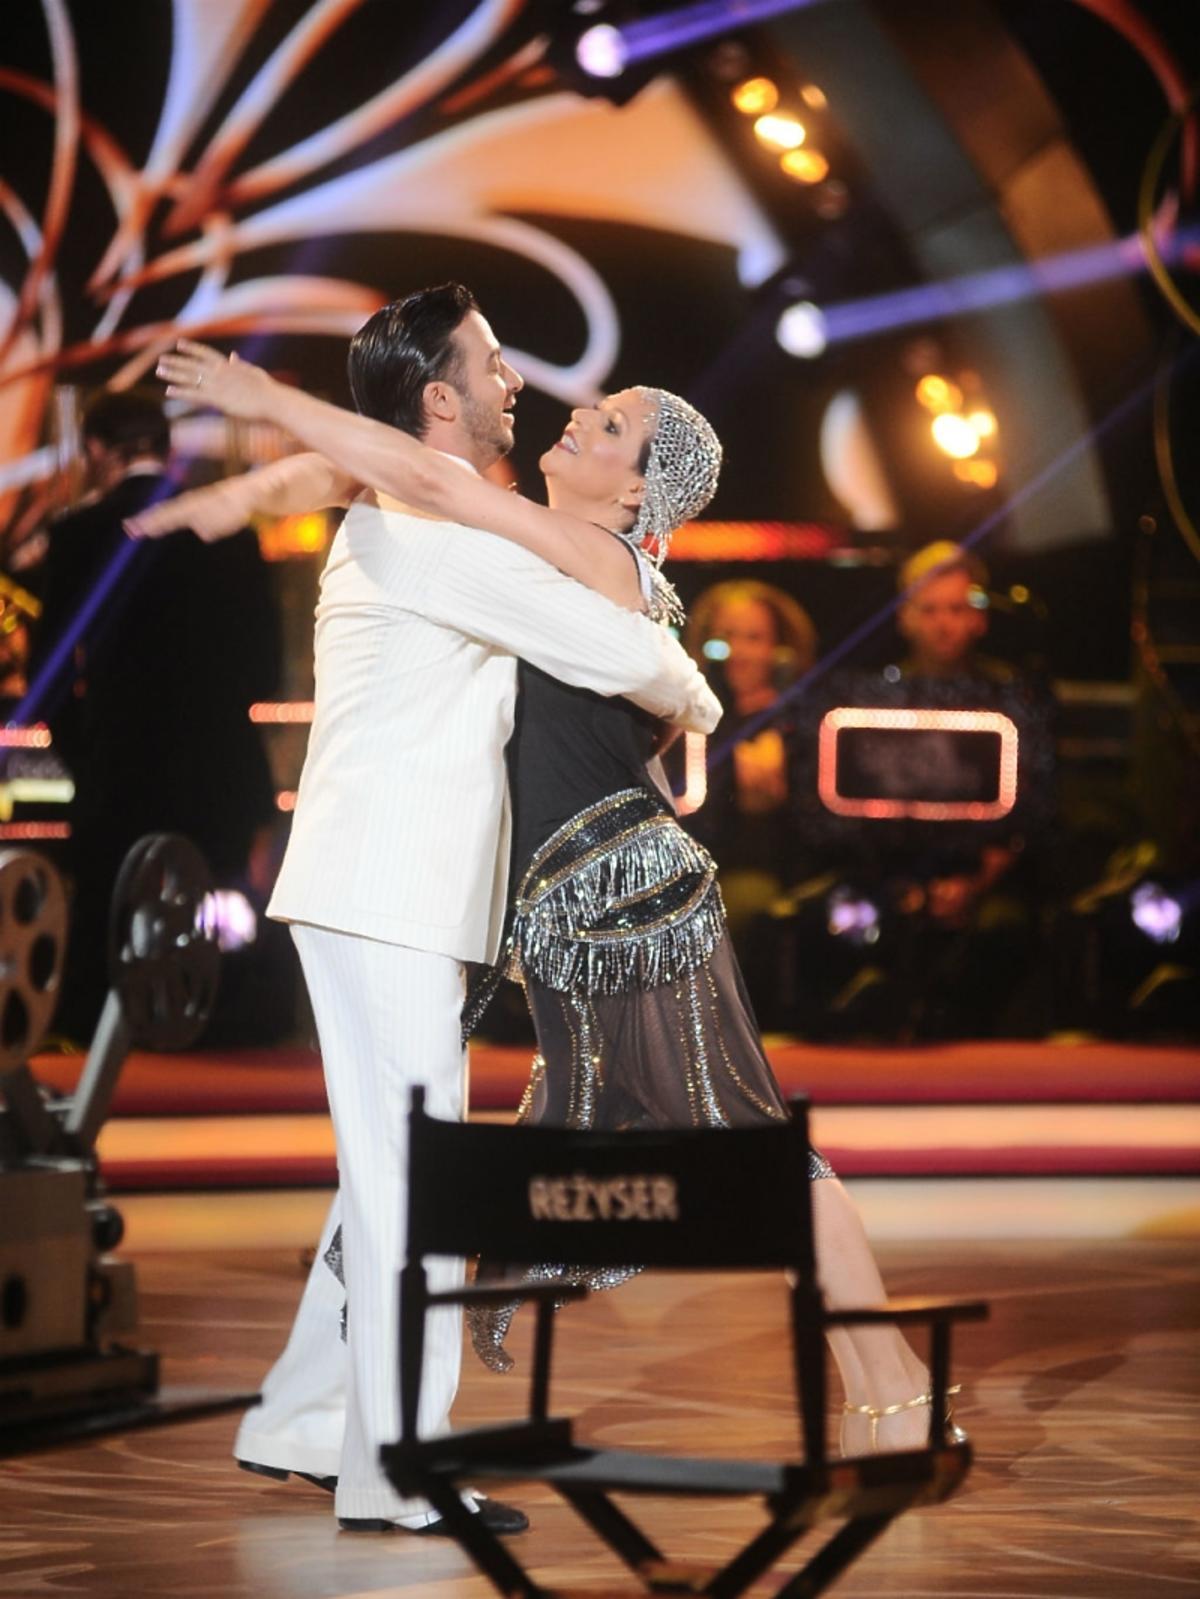 Małgorzata Pieńkowska i Stefano Terrazzino na parkiecie Tańca z Gwiazdami